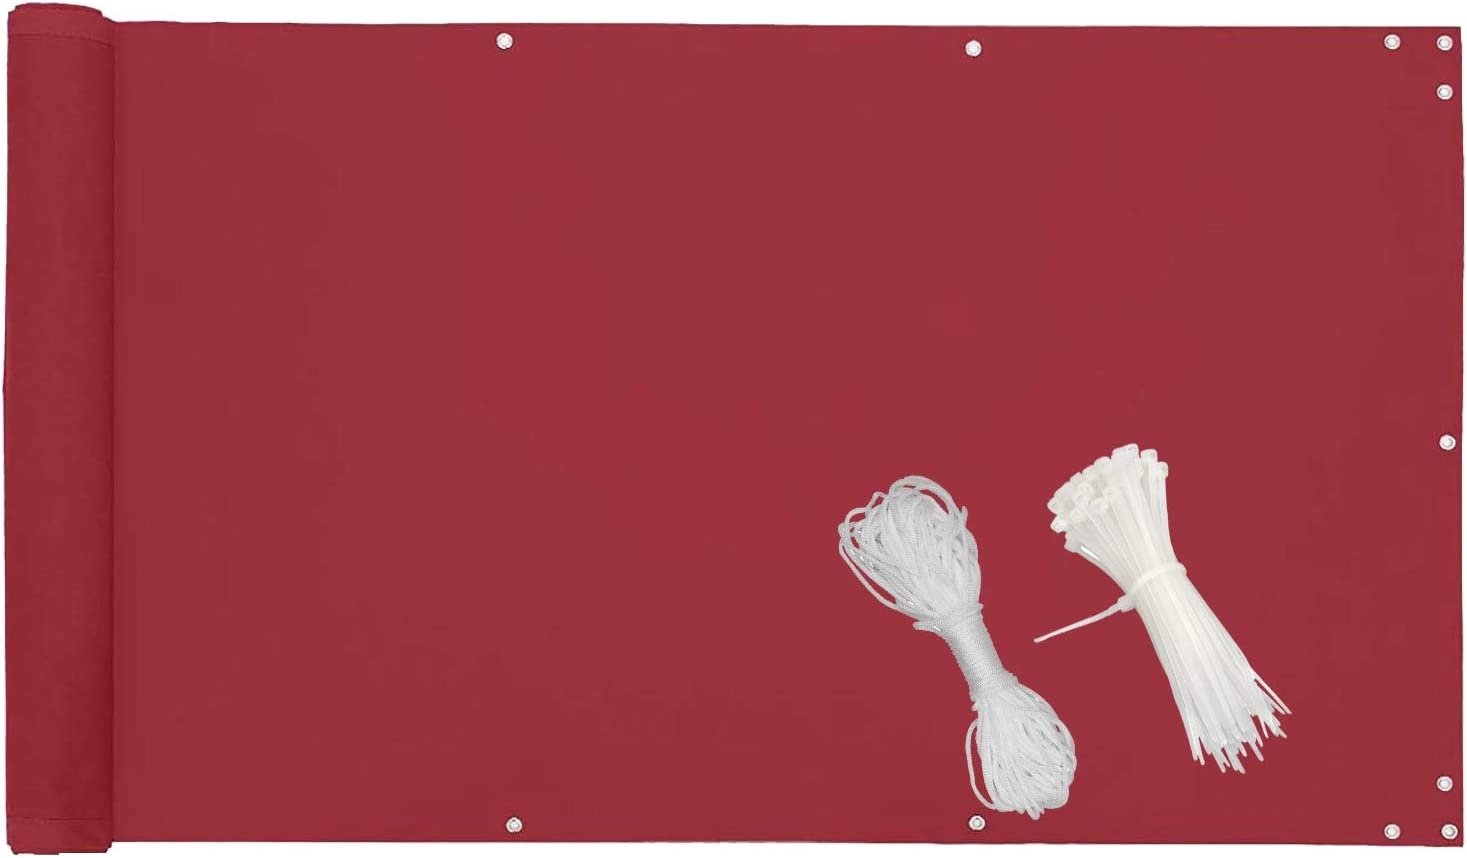 Opaque imperm/éable /à leau Diverses Couleurs Et Diverses Tailles Au Choix avec Liens Plastiques et la Corde Aussi-Rouge MODKOY Brise Vue Tissu 50x300cm